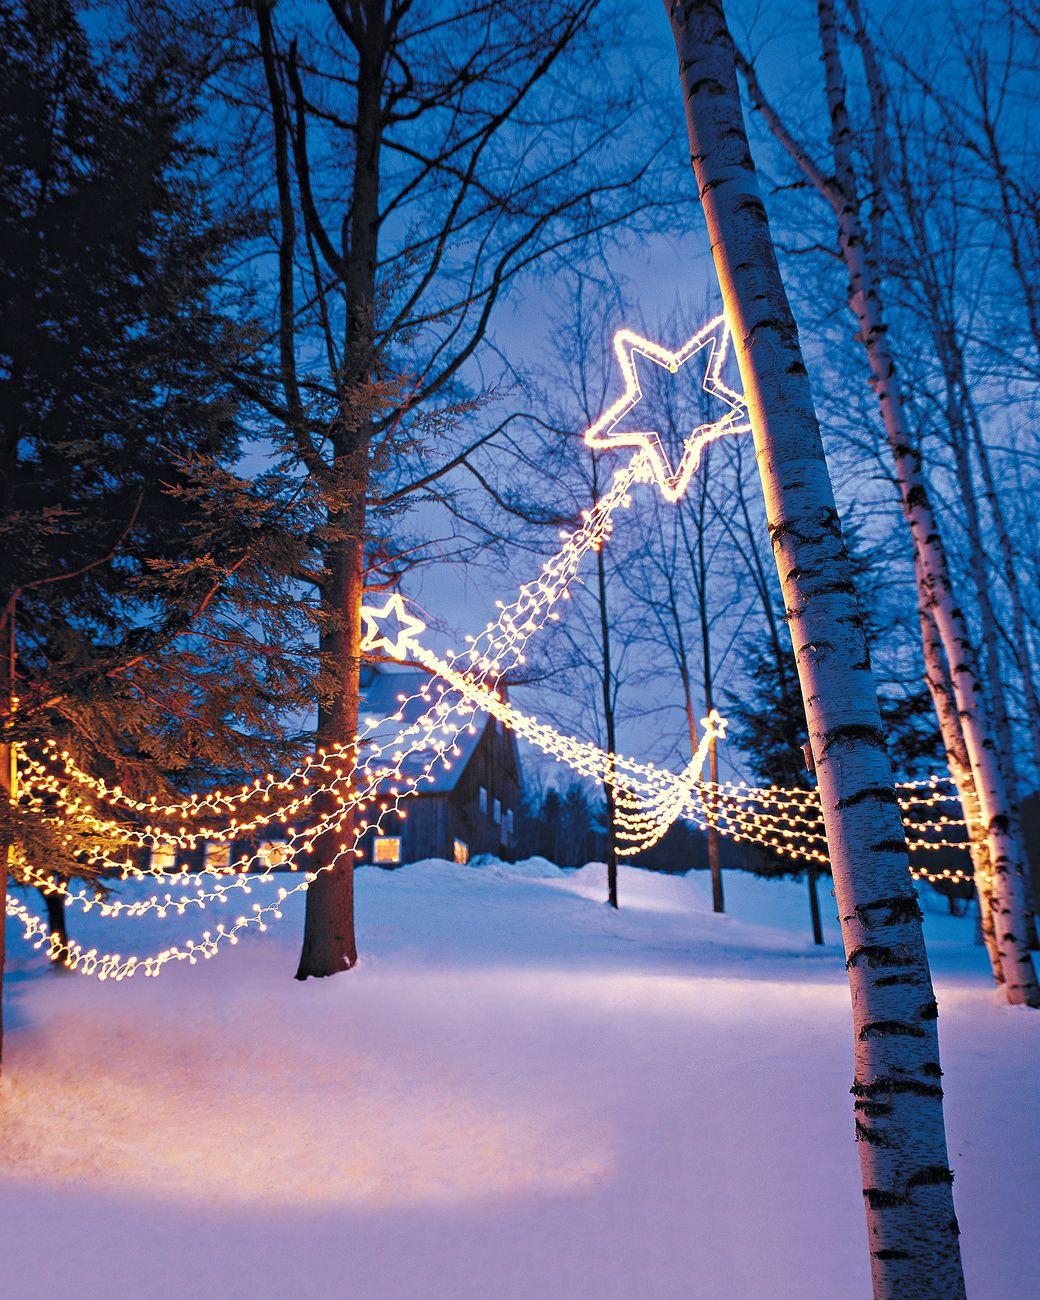 Outdoor Lighting: Shooting Stars | Shooting stars, Yards and Holidays